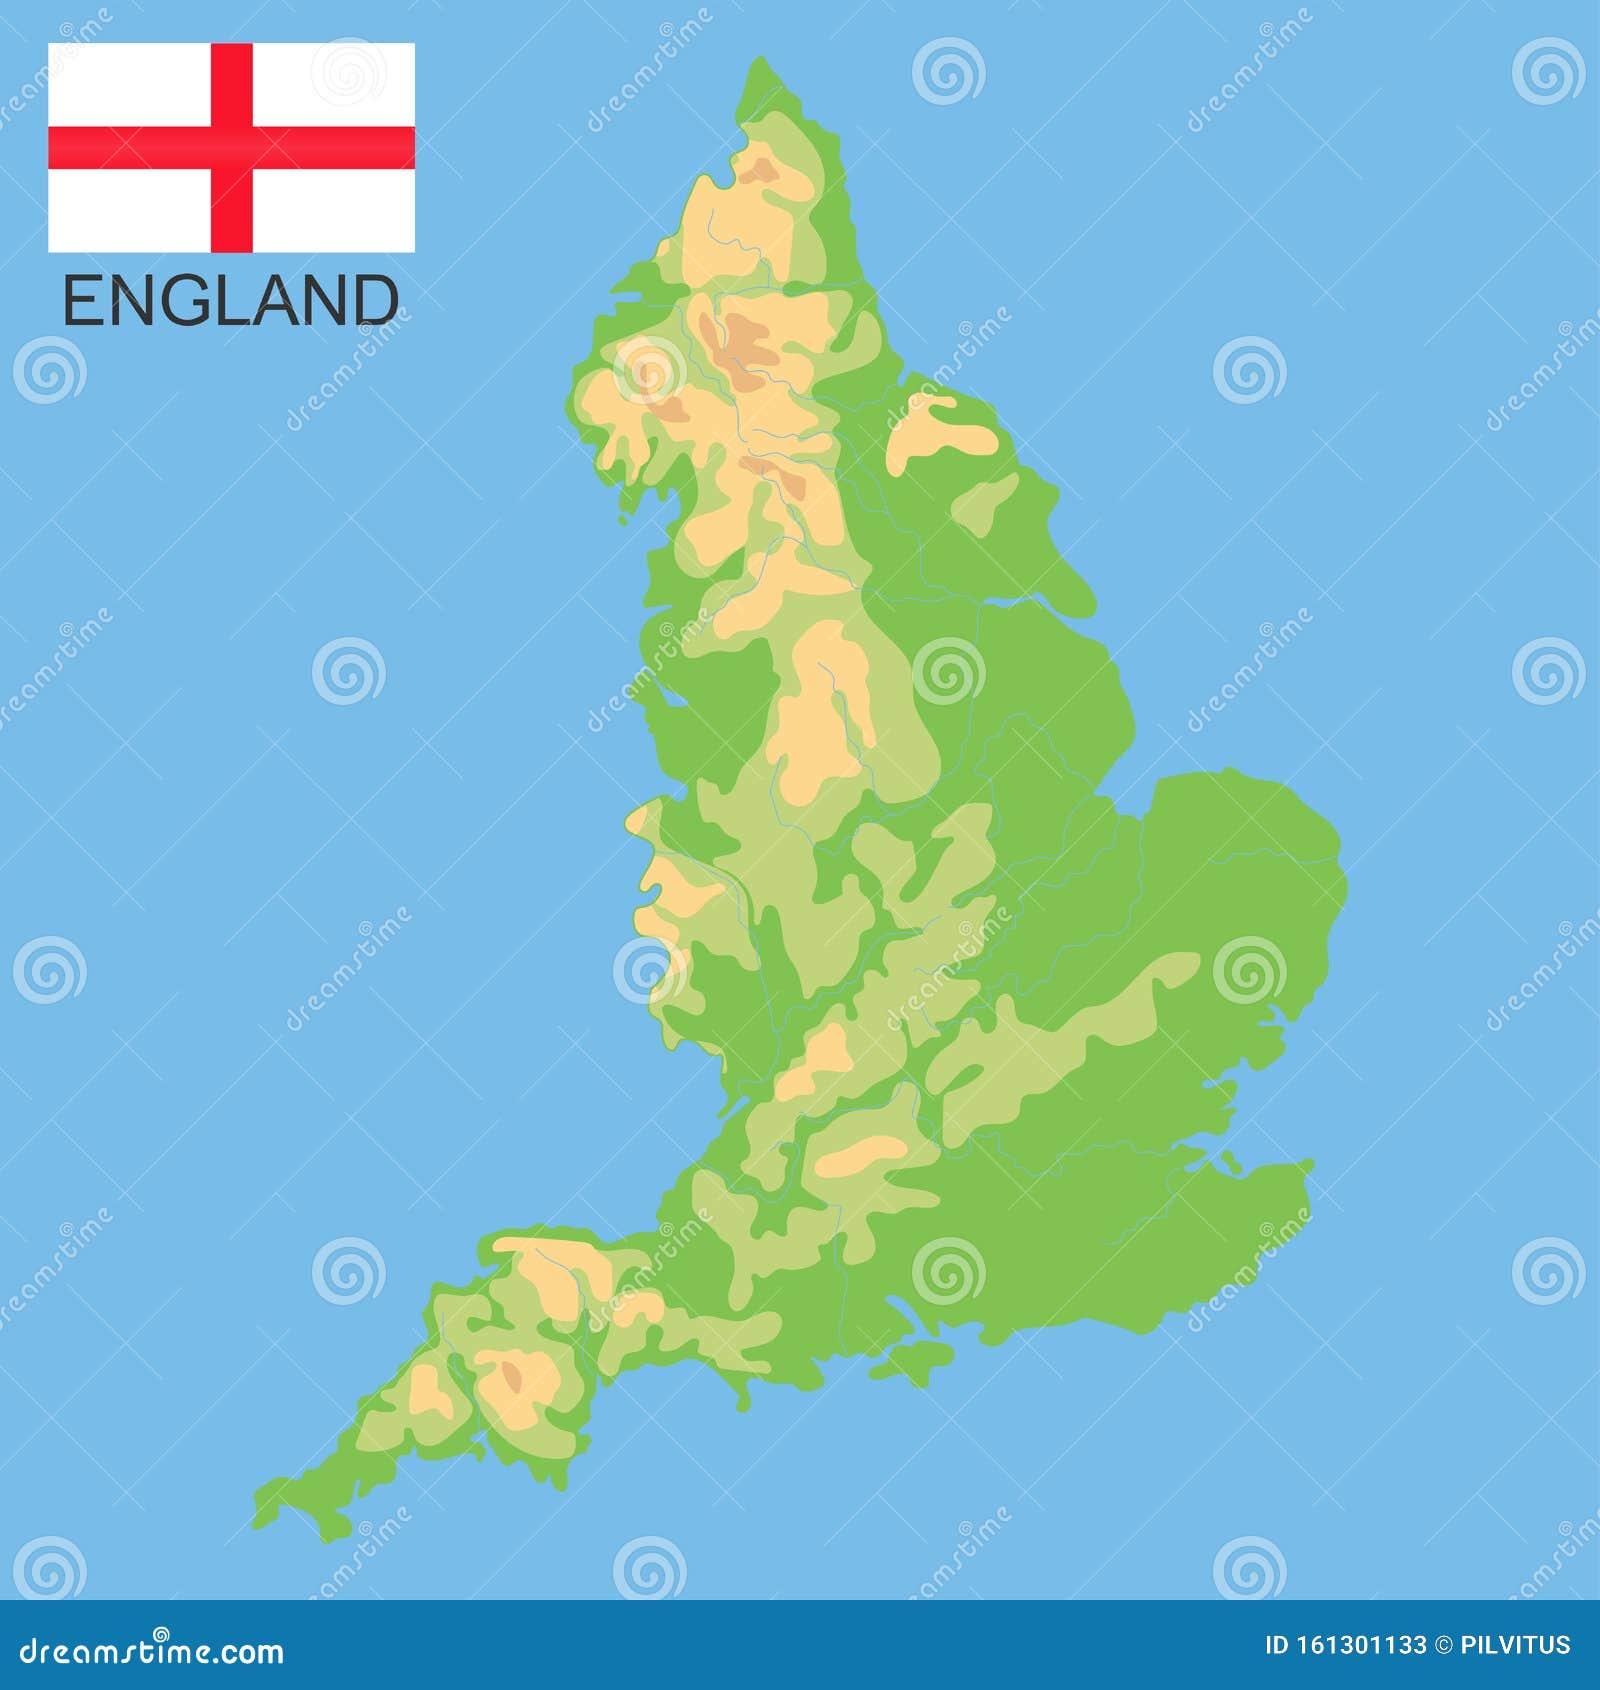 Inghilterra Fisica Cartina.Inghilterra Mappa Fisica Dettagliata Dell Inghilterra Colorata In Base All Elevazione Con Fiumi Laghi Montagne Mappa Vettorial Illustrazione Vettoriale Illustrazione Di Paese Nave 161301133